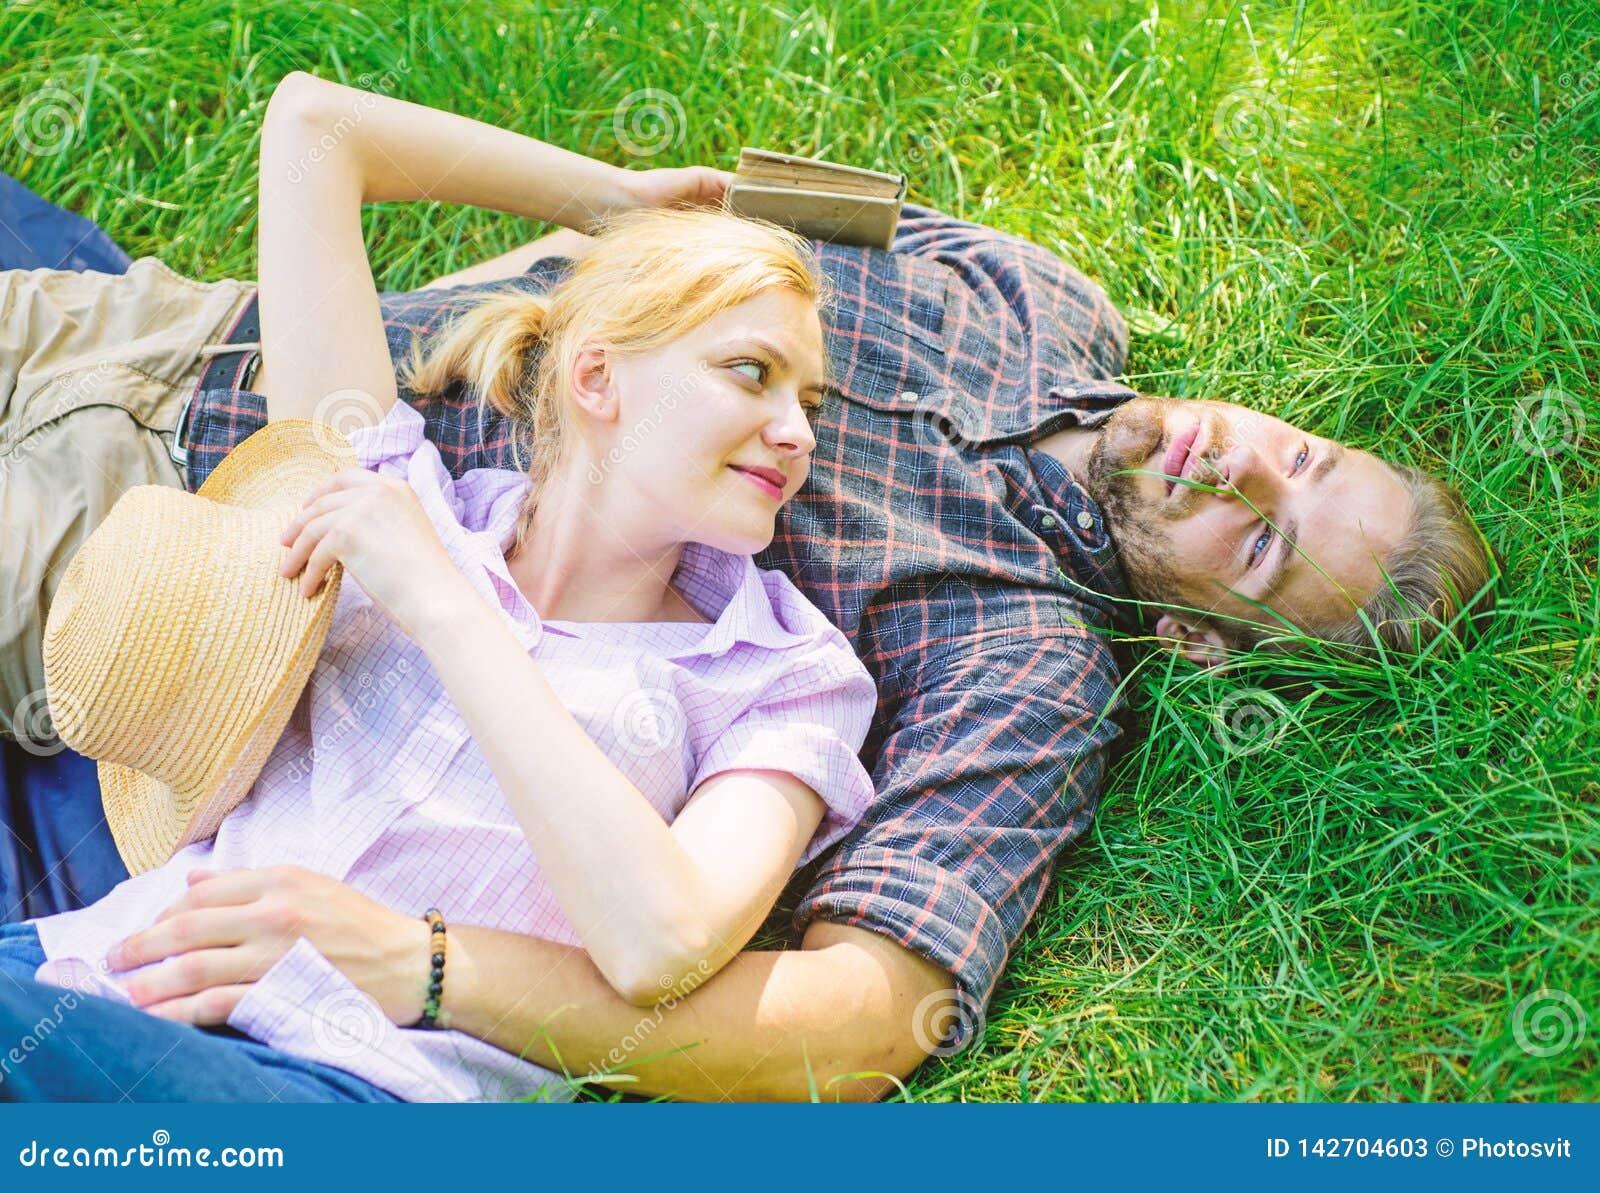 Расслабленные Гая и девушки мечтательные наслаждаются природой безмятежности Пары в влюбленности ослабляя Outdoors Минута взятия,